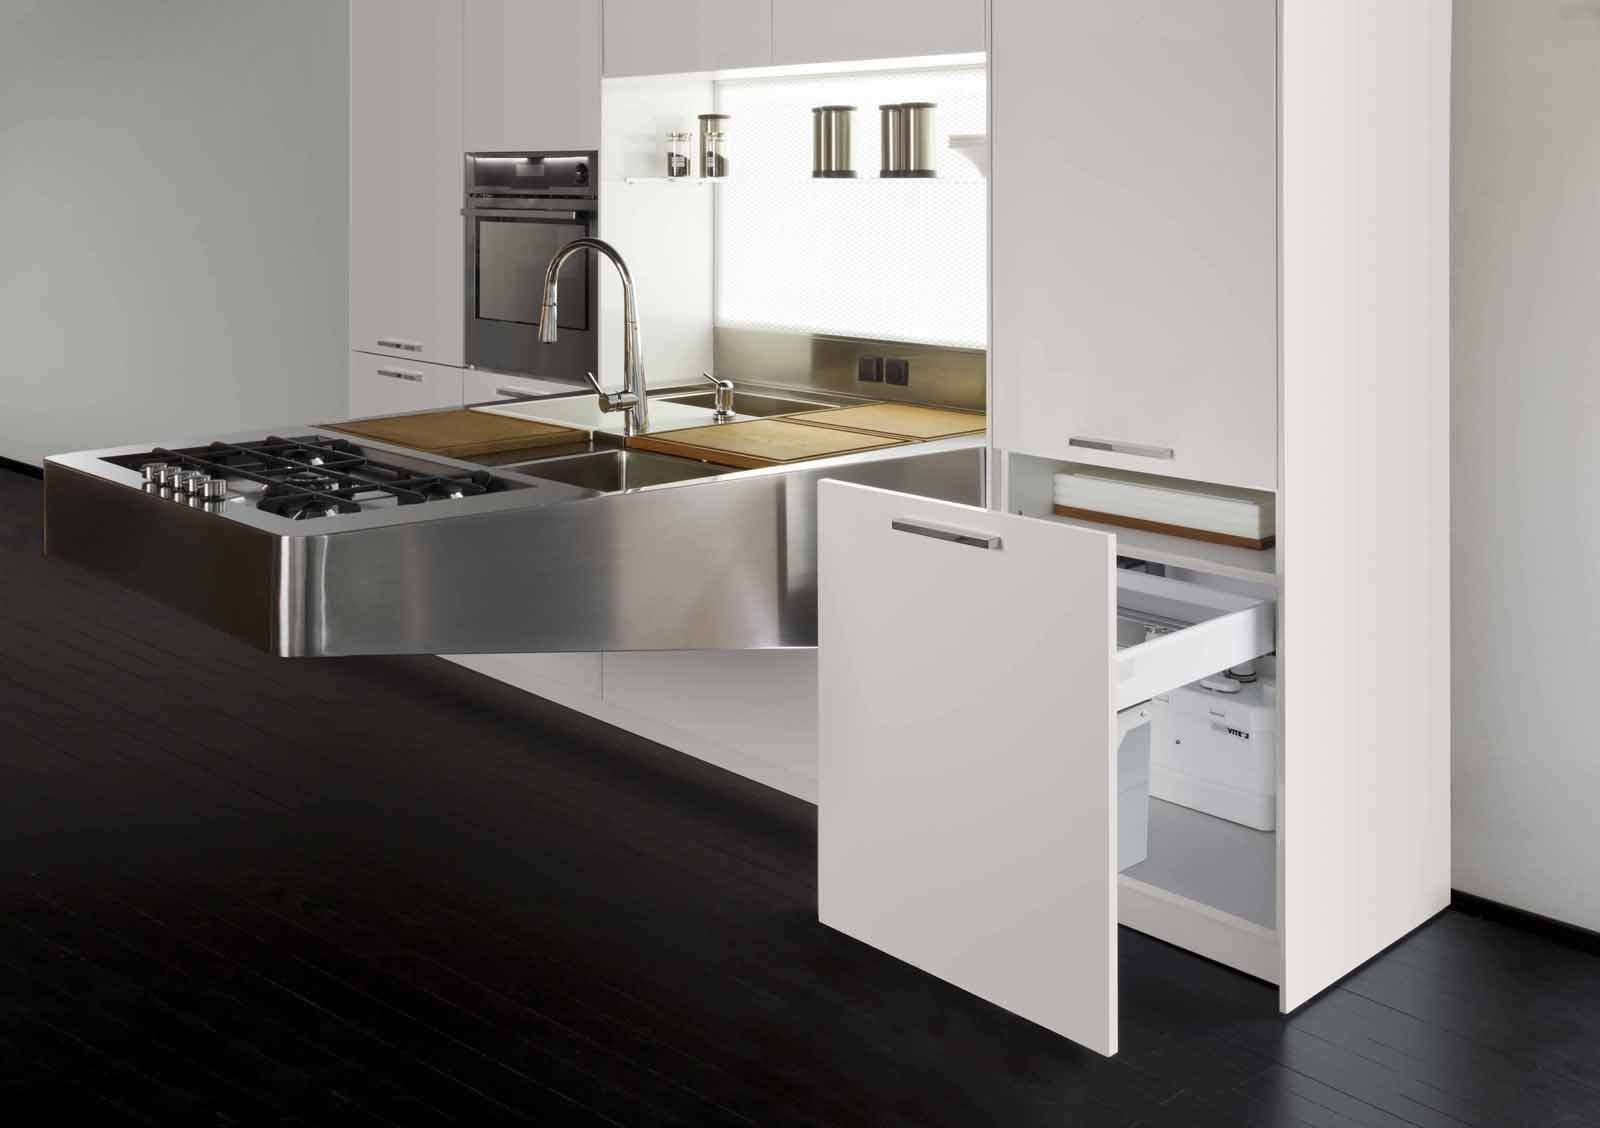 Sfa sanivite snaidero board cucina cose di casa for Snaidero cucine